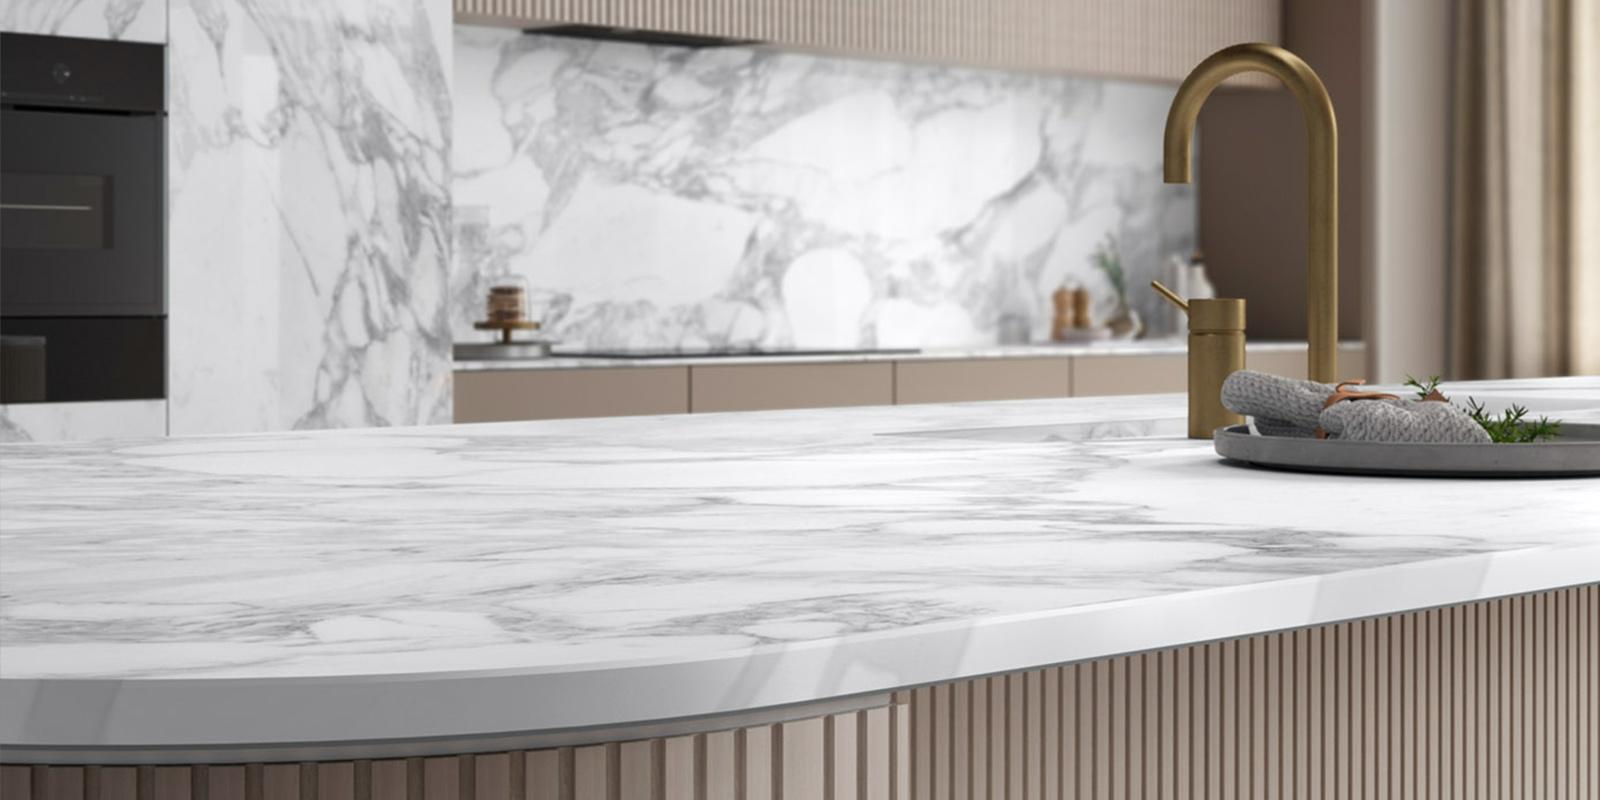 Il miglior materiale per il piano della cucina? Il gres porcellanato effetto marmo nei grandi formati